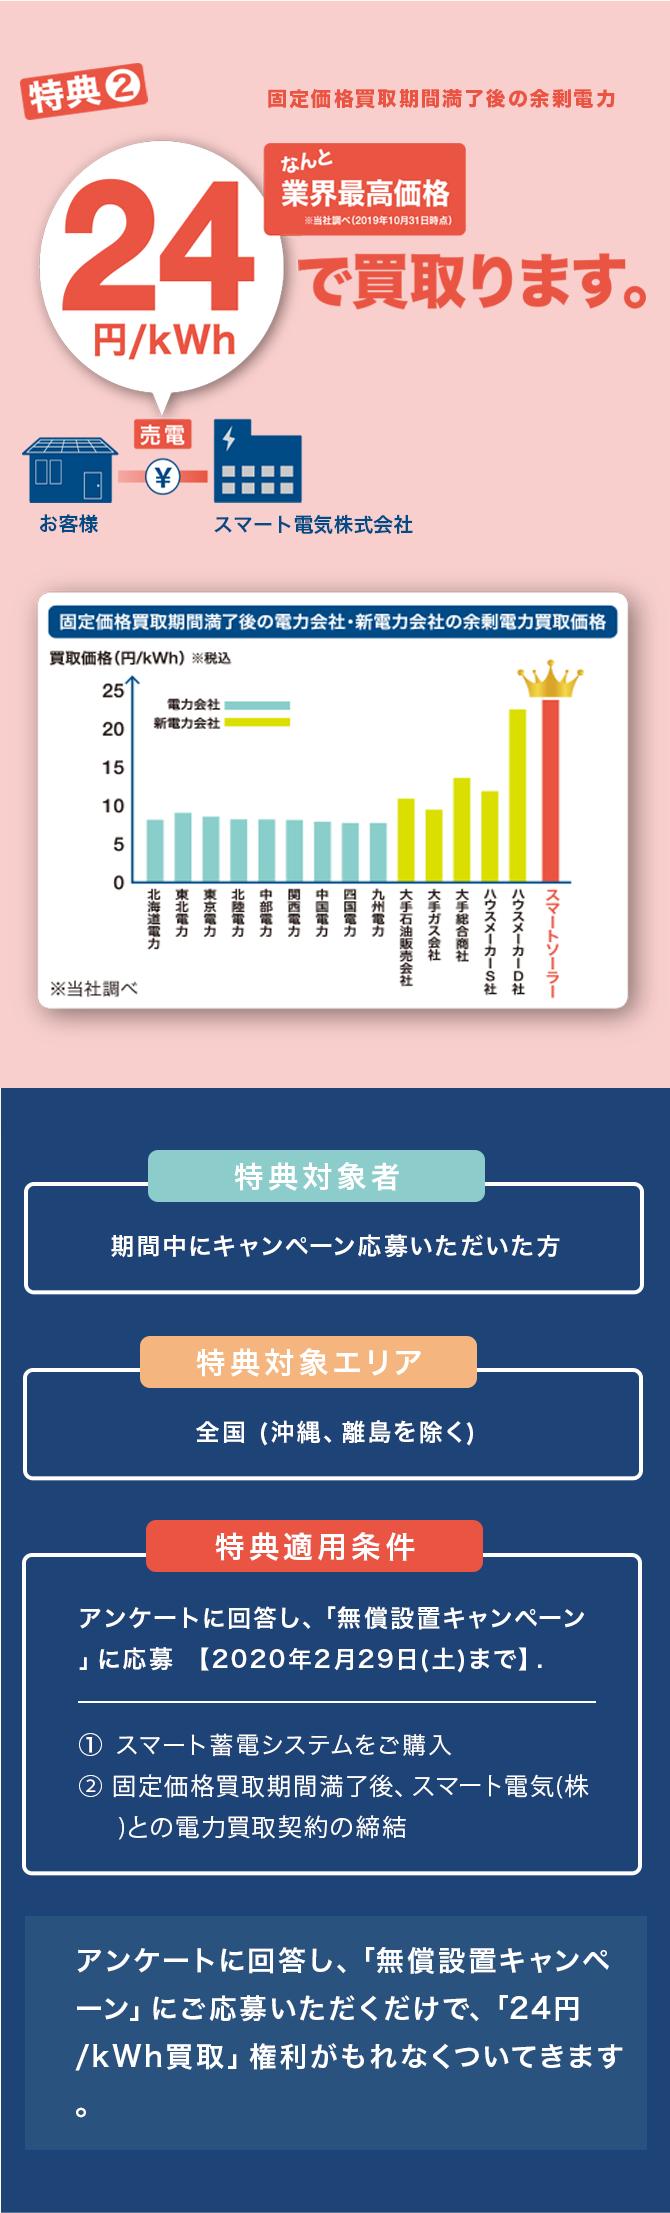 特典2.なんと業界最高価格※当社調べ(2019年10月31日時点)固定価格買取期間満了後の余剰電力24円/kWhで買収買取ります。特典対象者:期間中にキャンペーン応募いただいた方 特典対象エリア:全国 (沖縄、離島を除く) 特典適用条件:アンケートに回答し、「無償設置キャンペーン」に応募 【2020年2月29日(土)まで】(1)スマート蓄電システムをご購入 (2)固定価格買取期間満了後、スマート電気(株)との電力買取契約の締結 アンケートに回答し、「無償設置キャンペーン」にご応募いただくだけで、「24円/kWh買取」権利がもれなくついてきます。